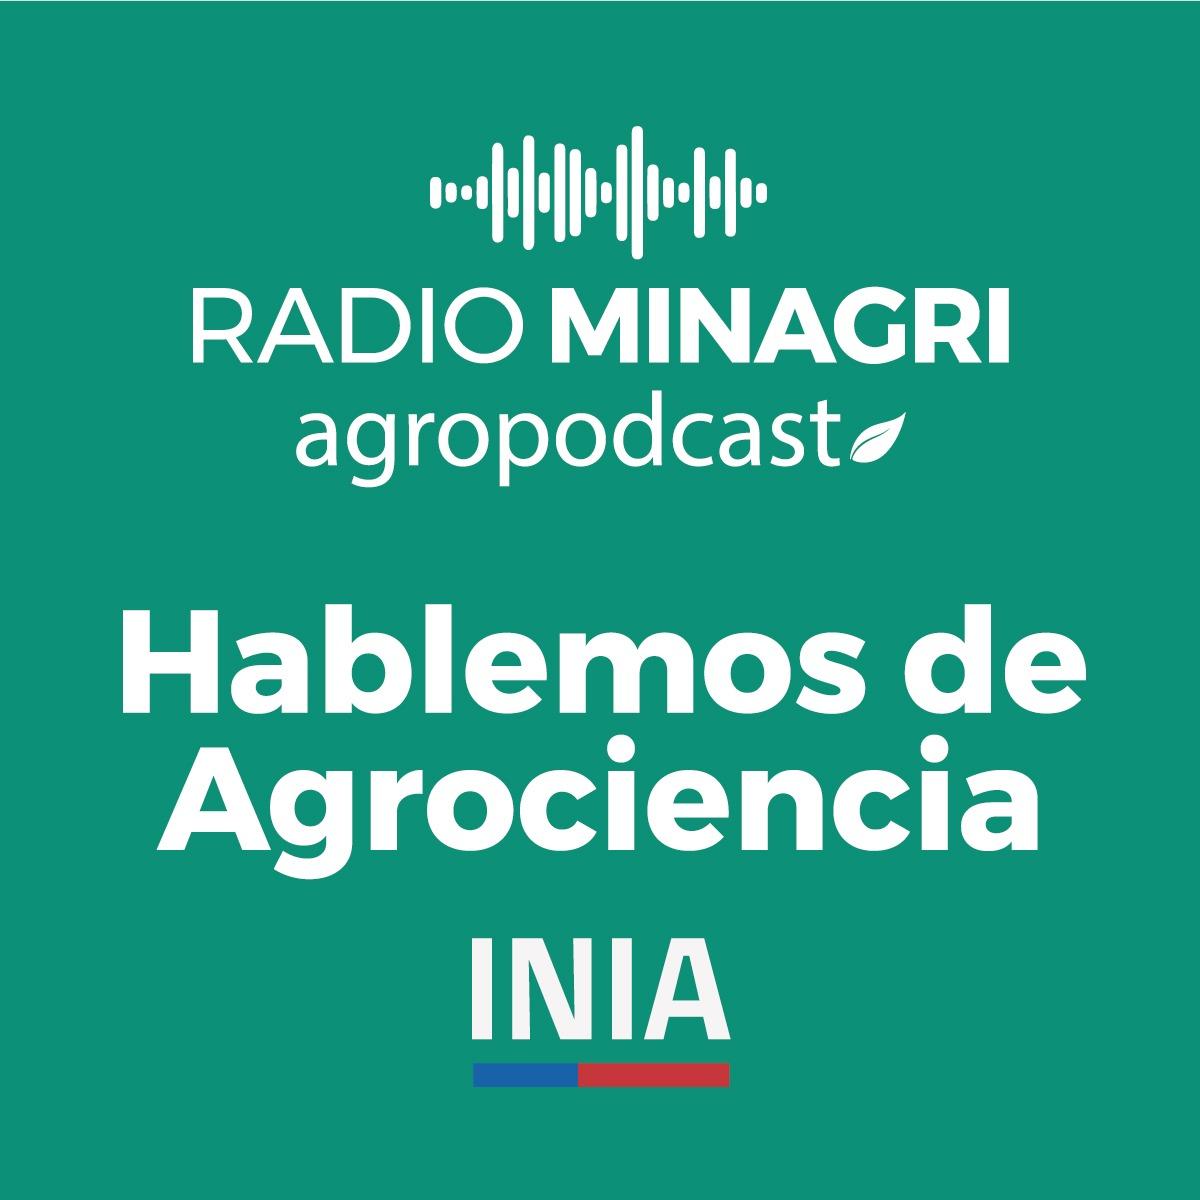 Hablemos de Agrociencia – Episodio 9: Especial mujeres rurales